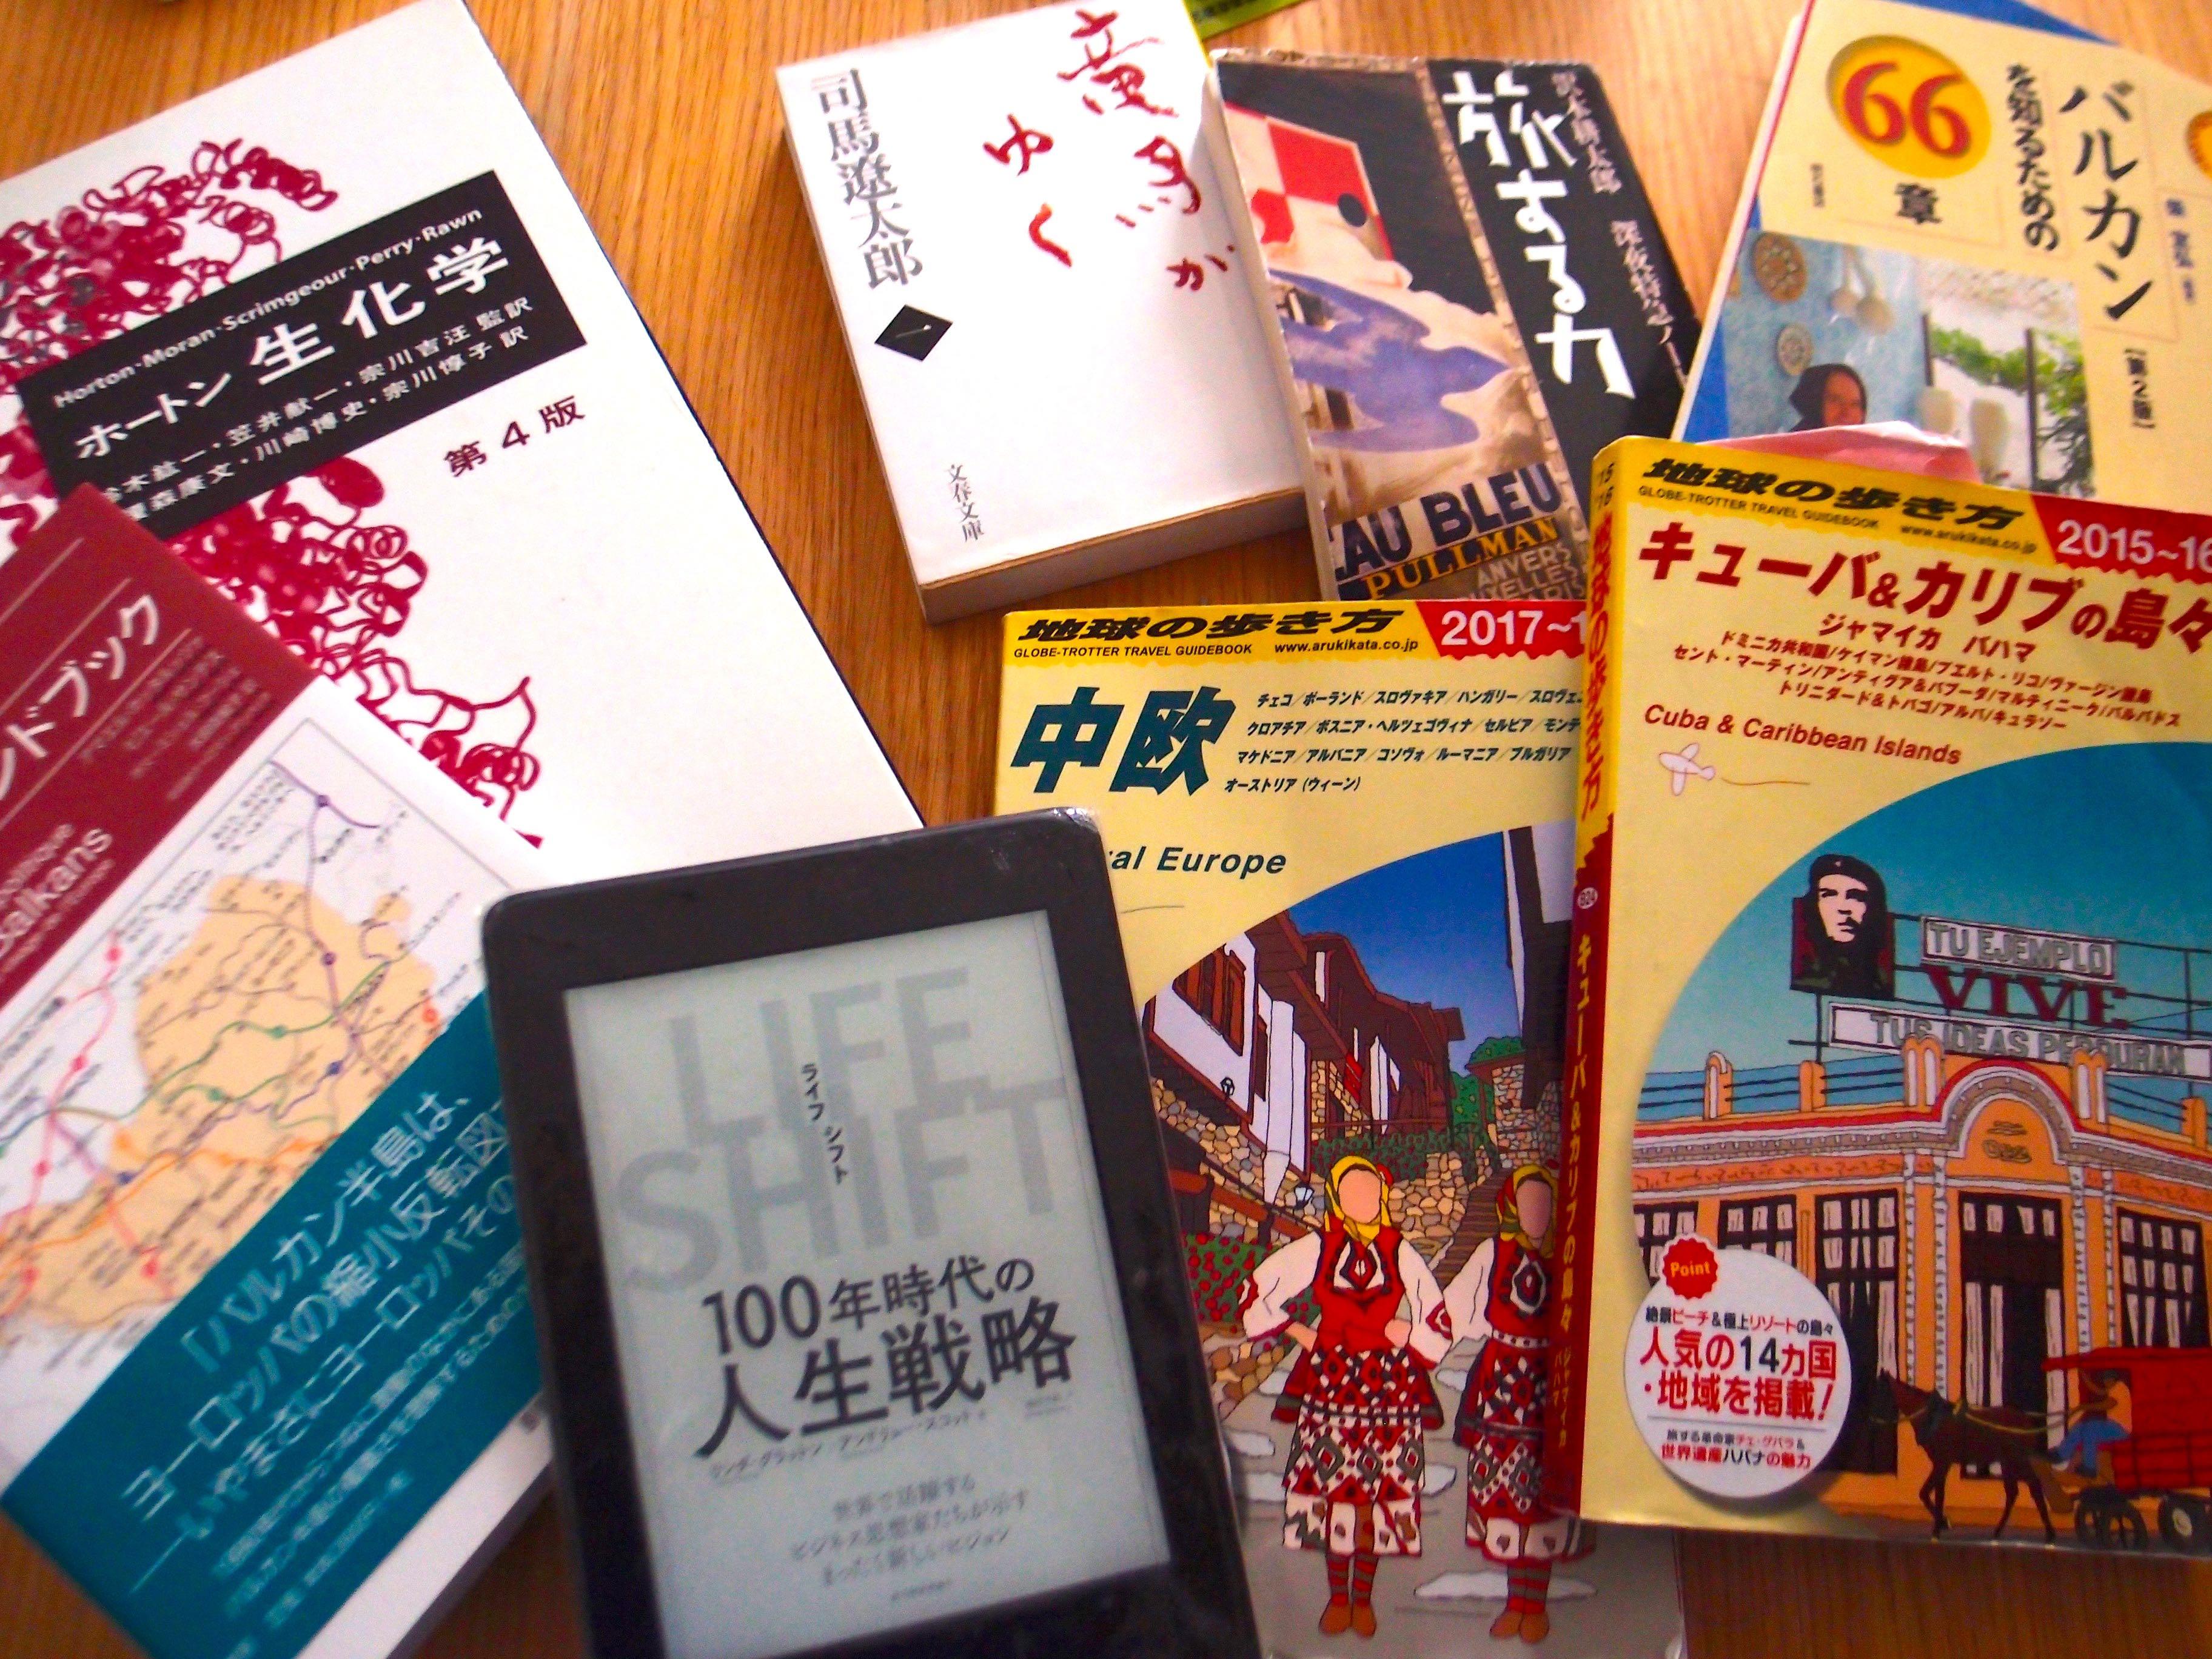 P5261455 1 - 旅に出られなくても・・・旅人が薦める今読みたい本 5選!